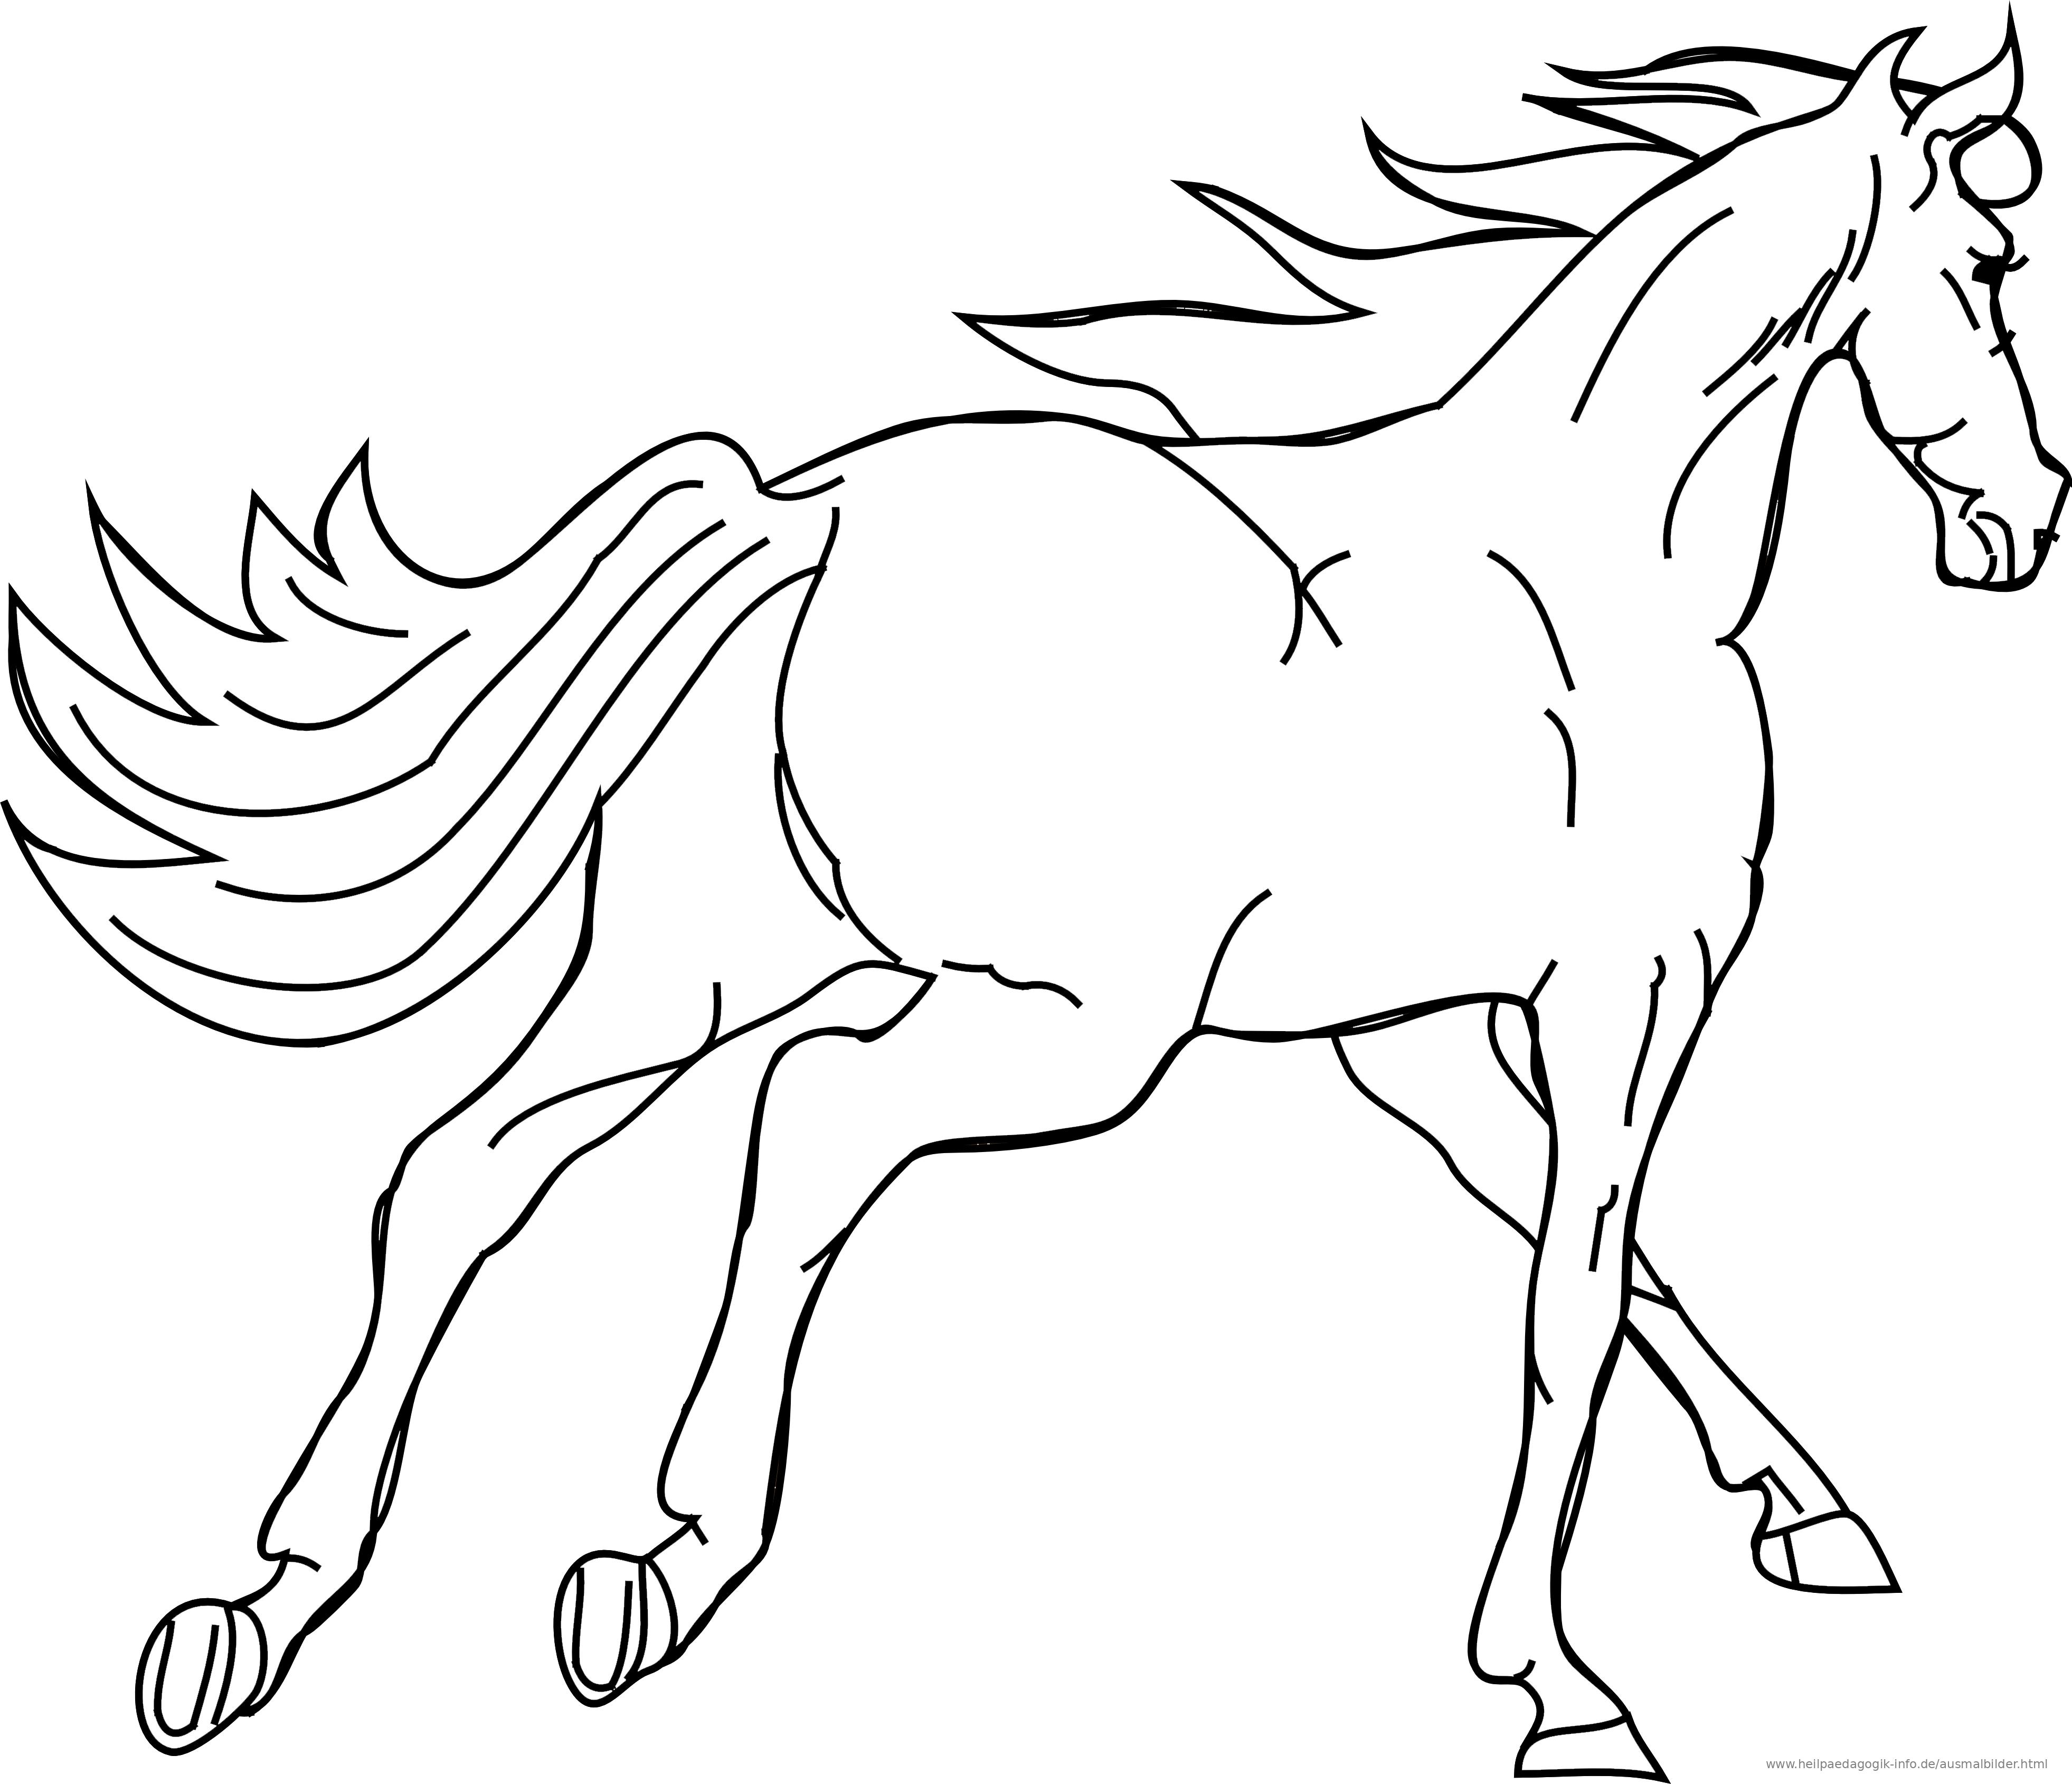 Ausmalbilder Pferde | heimhifi.com